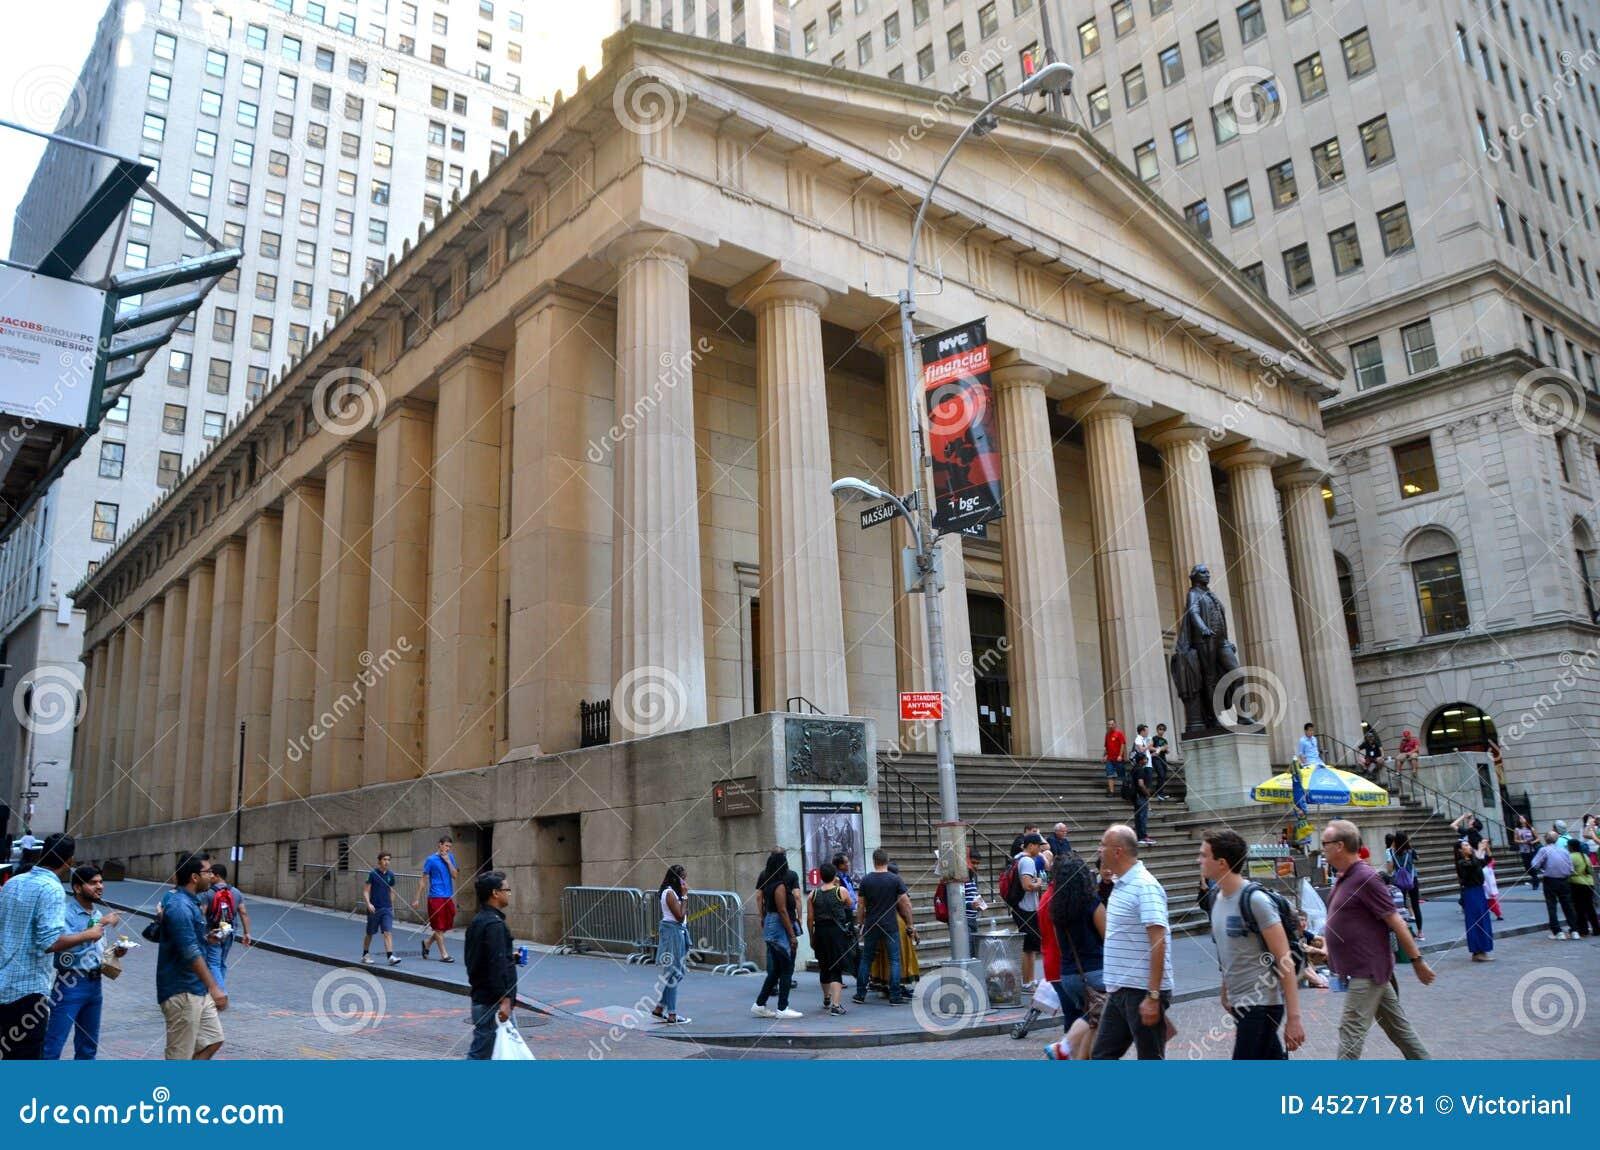 Уолл-Стрит и нью-йоркская биржа, Нью-Йорк, США